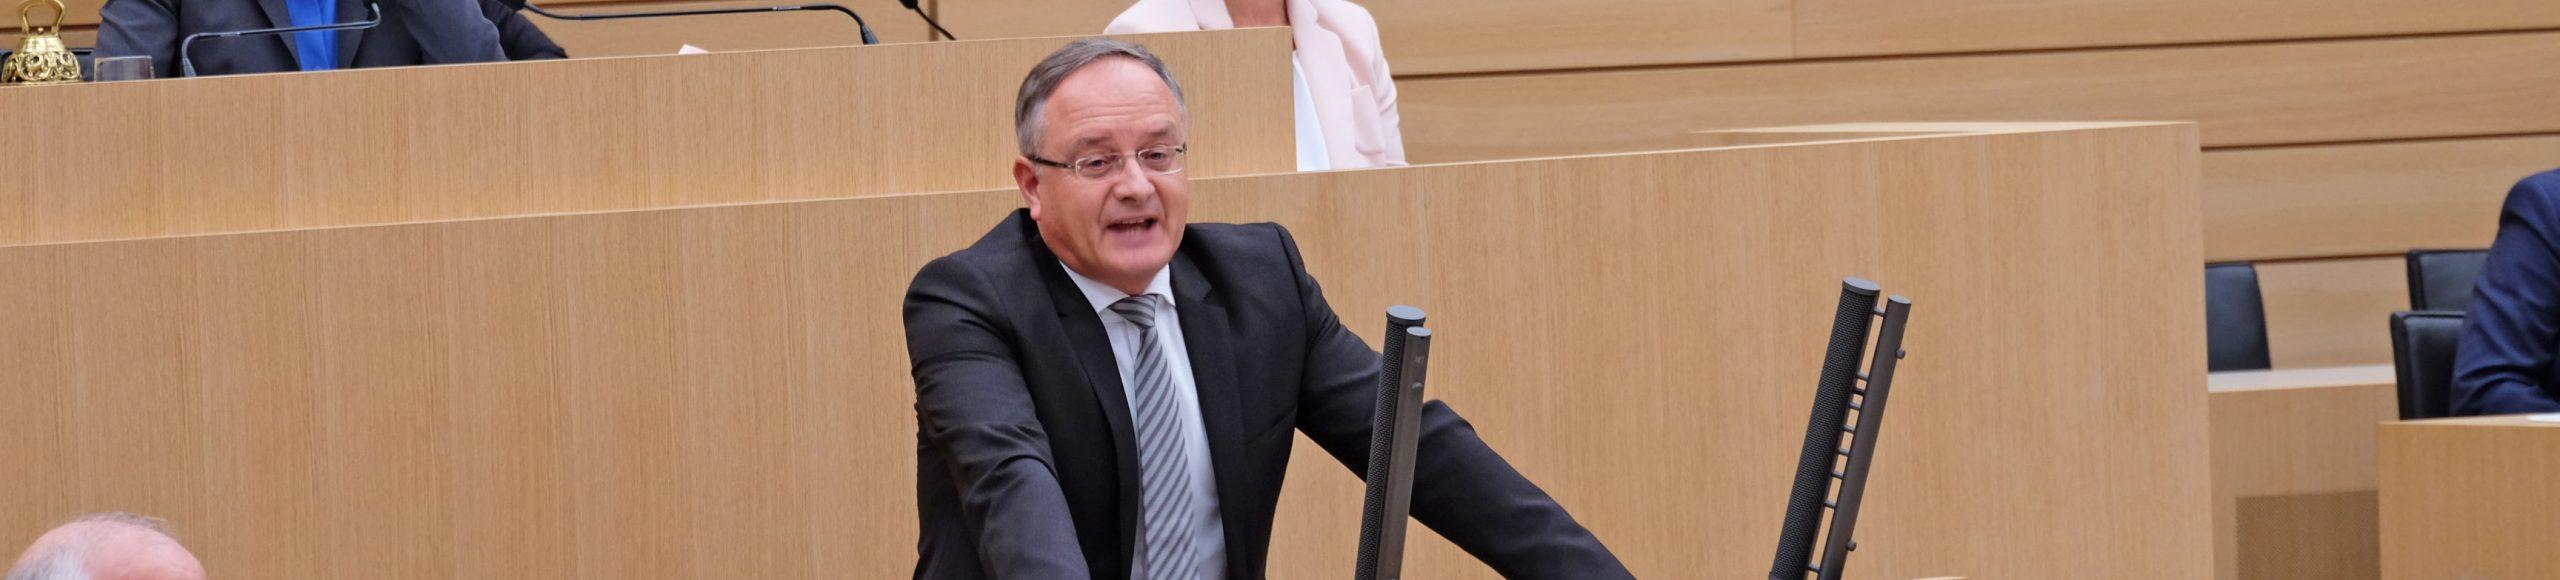 Fraktionsvorsitzender Andreas Stoch bei einer Rede im Landtag